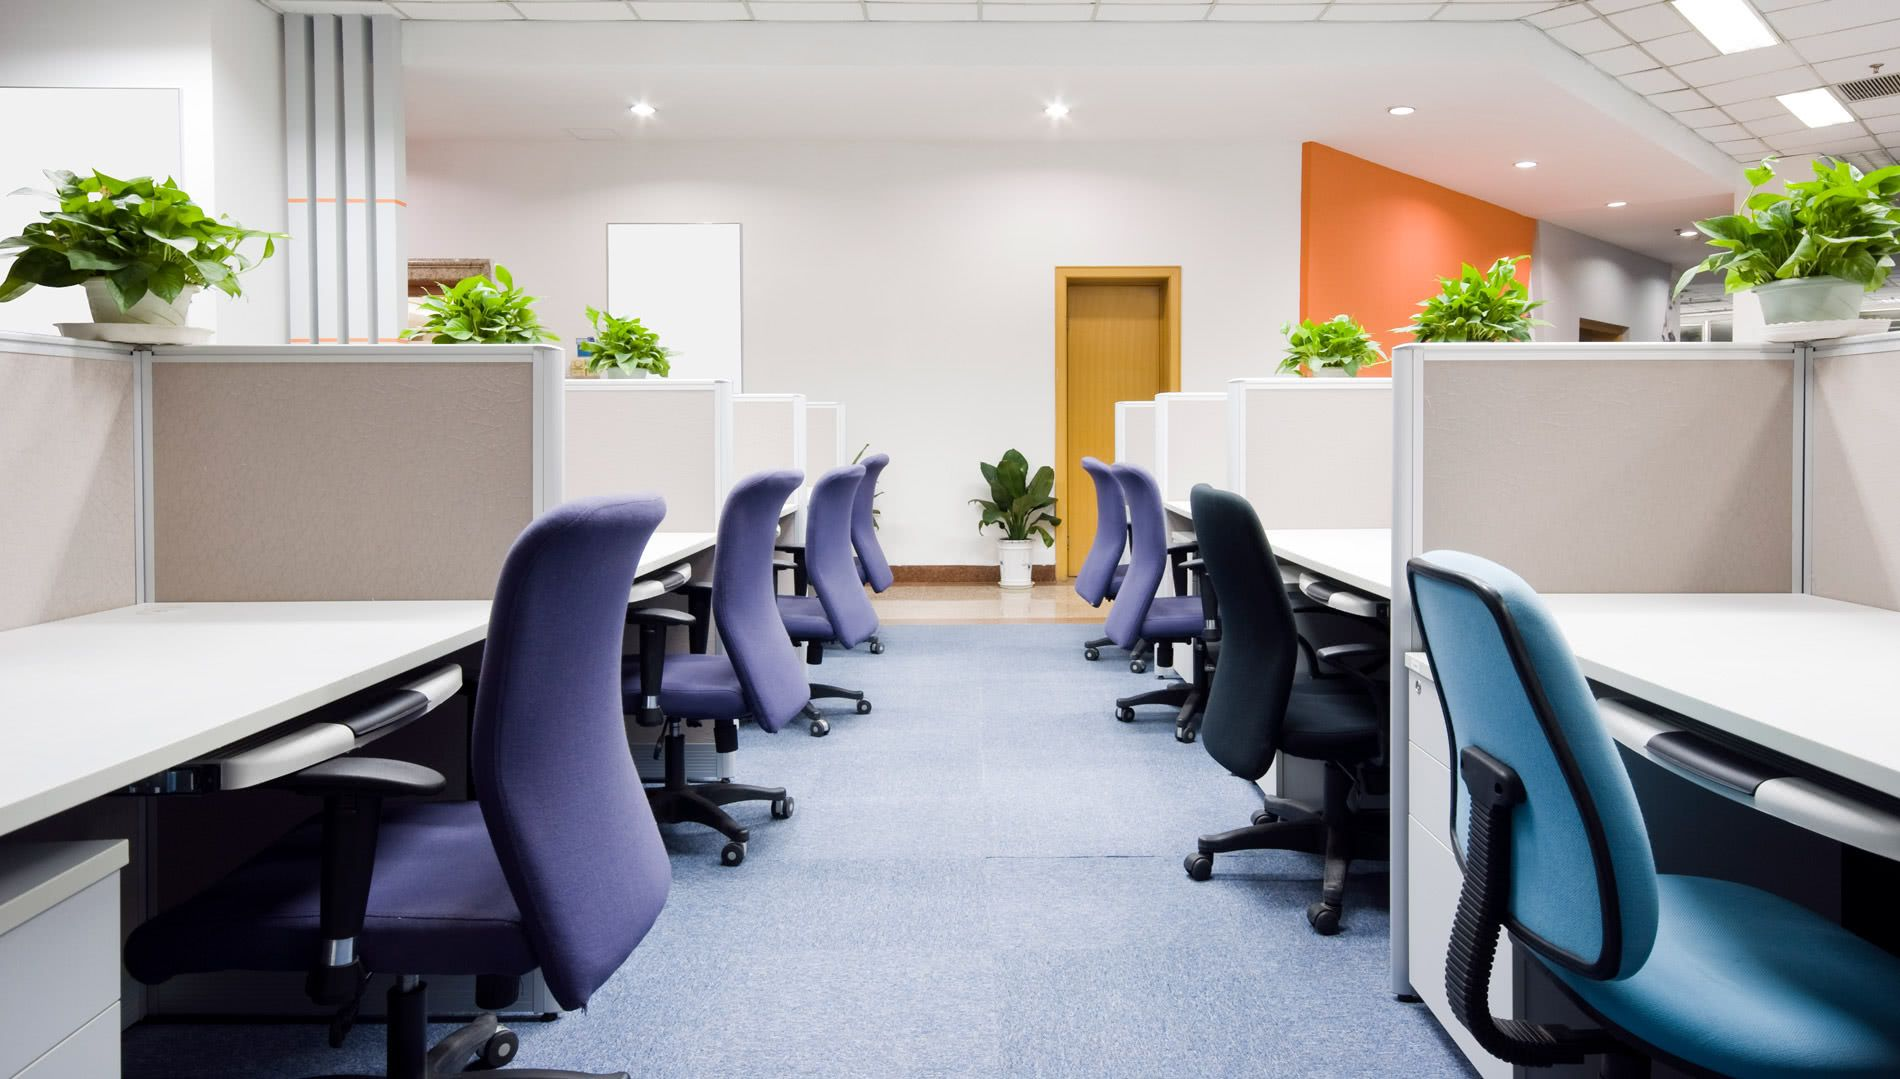 As cadeiras com cores diferentes determinam as funções dos funcionários.